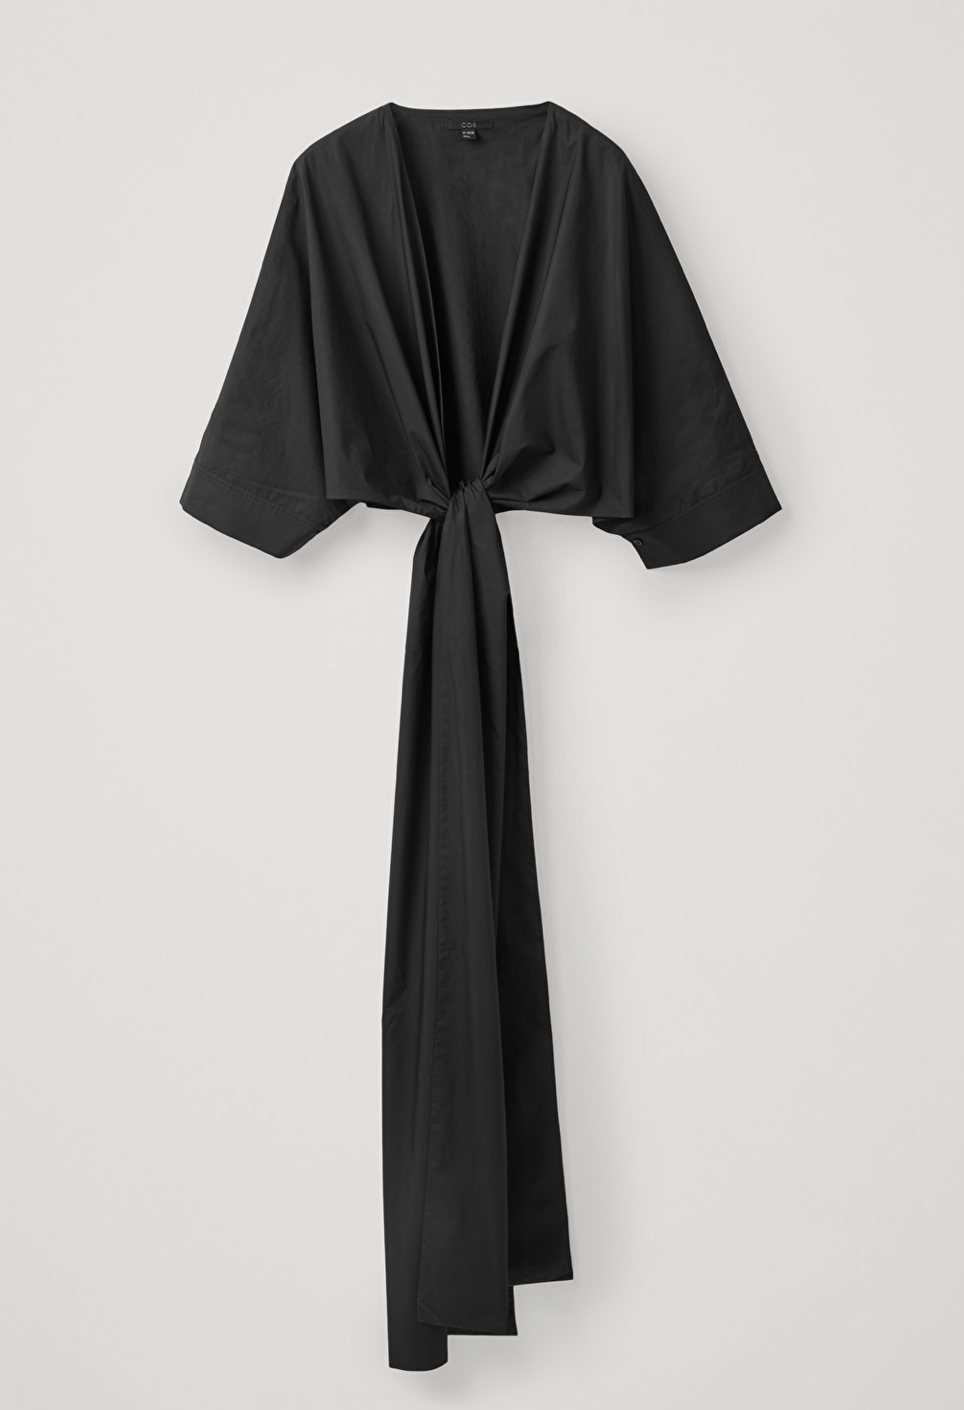 versatile tie-up top from cos in black